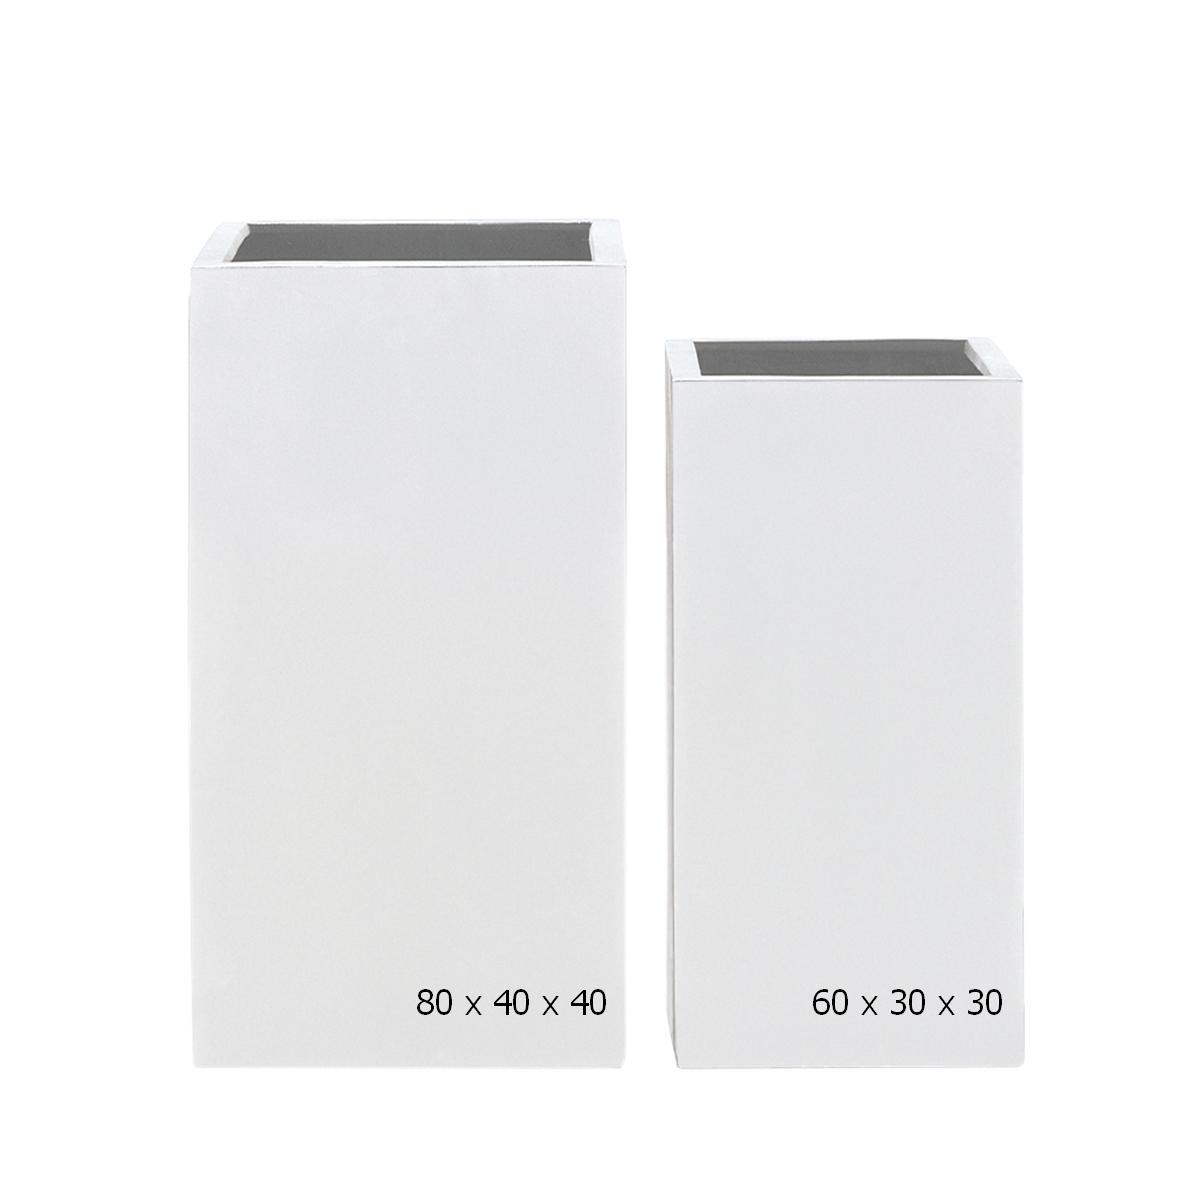 STONEFIBER der hohe Quadratische Pflanzsäule H80 weiß